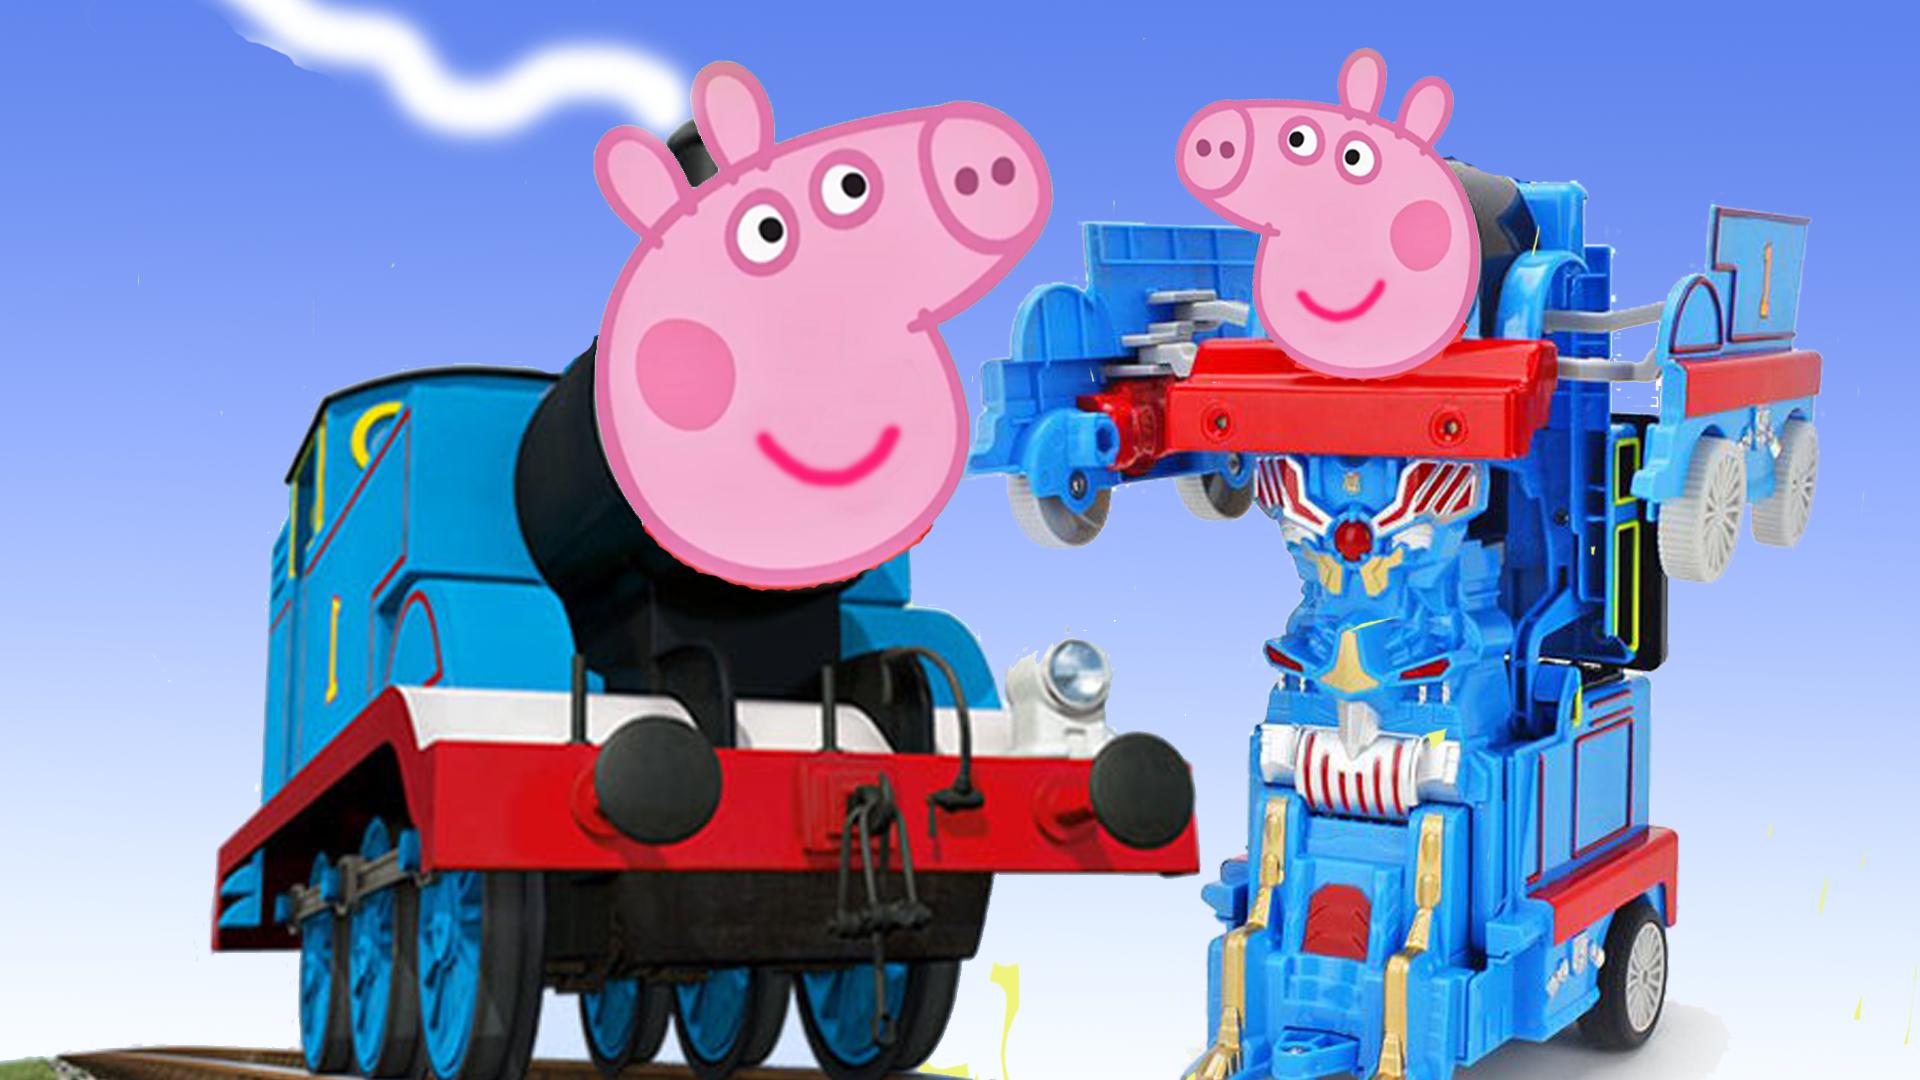 小猪佩奇变形托马斯小火车机器人-玩具哥哥欢乐世界-小谷姐姐